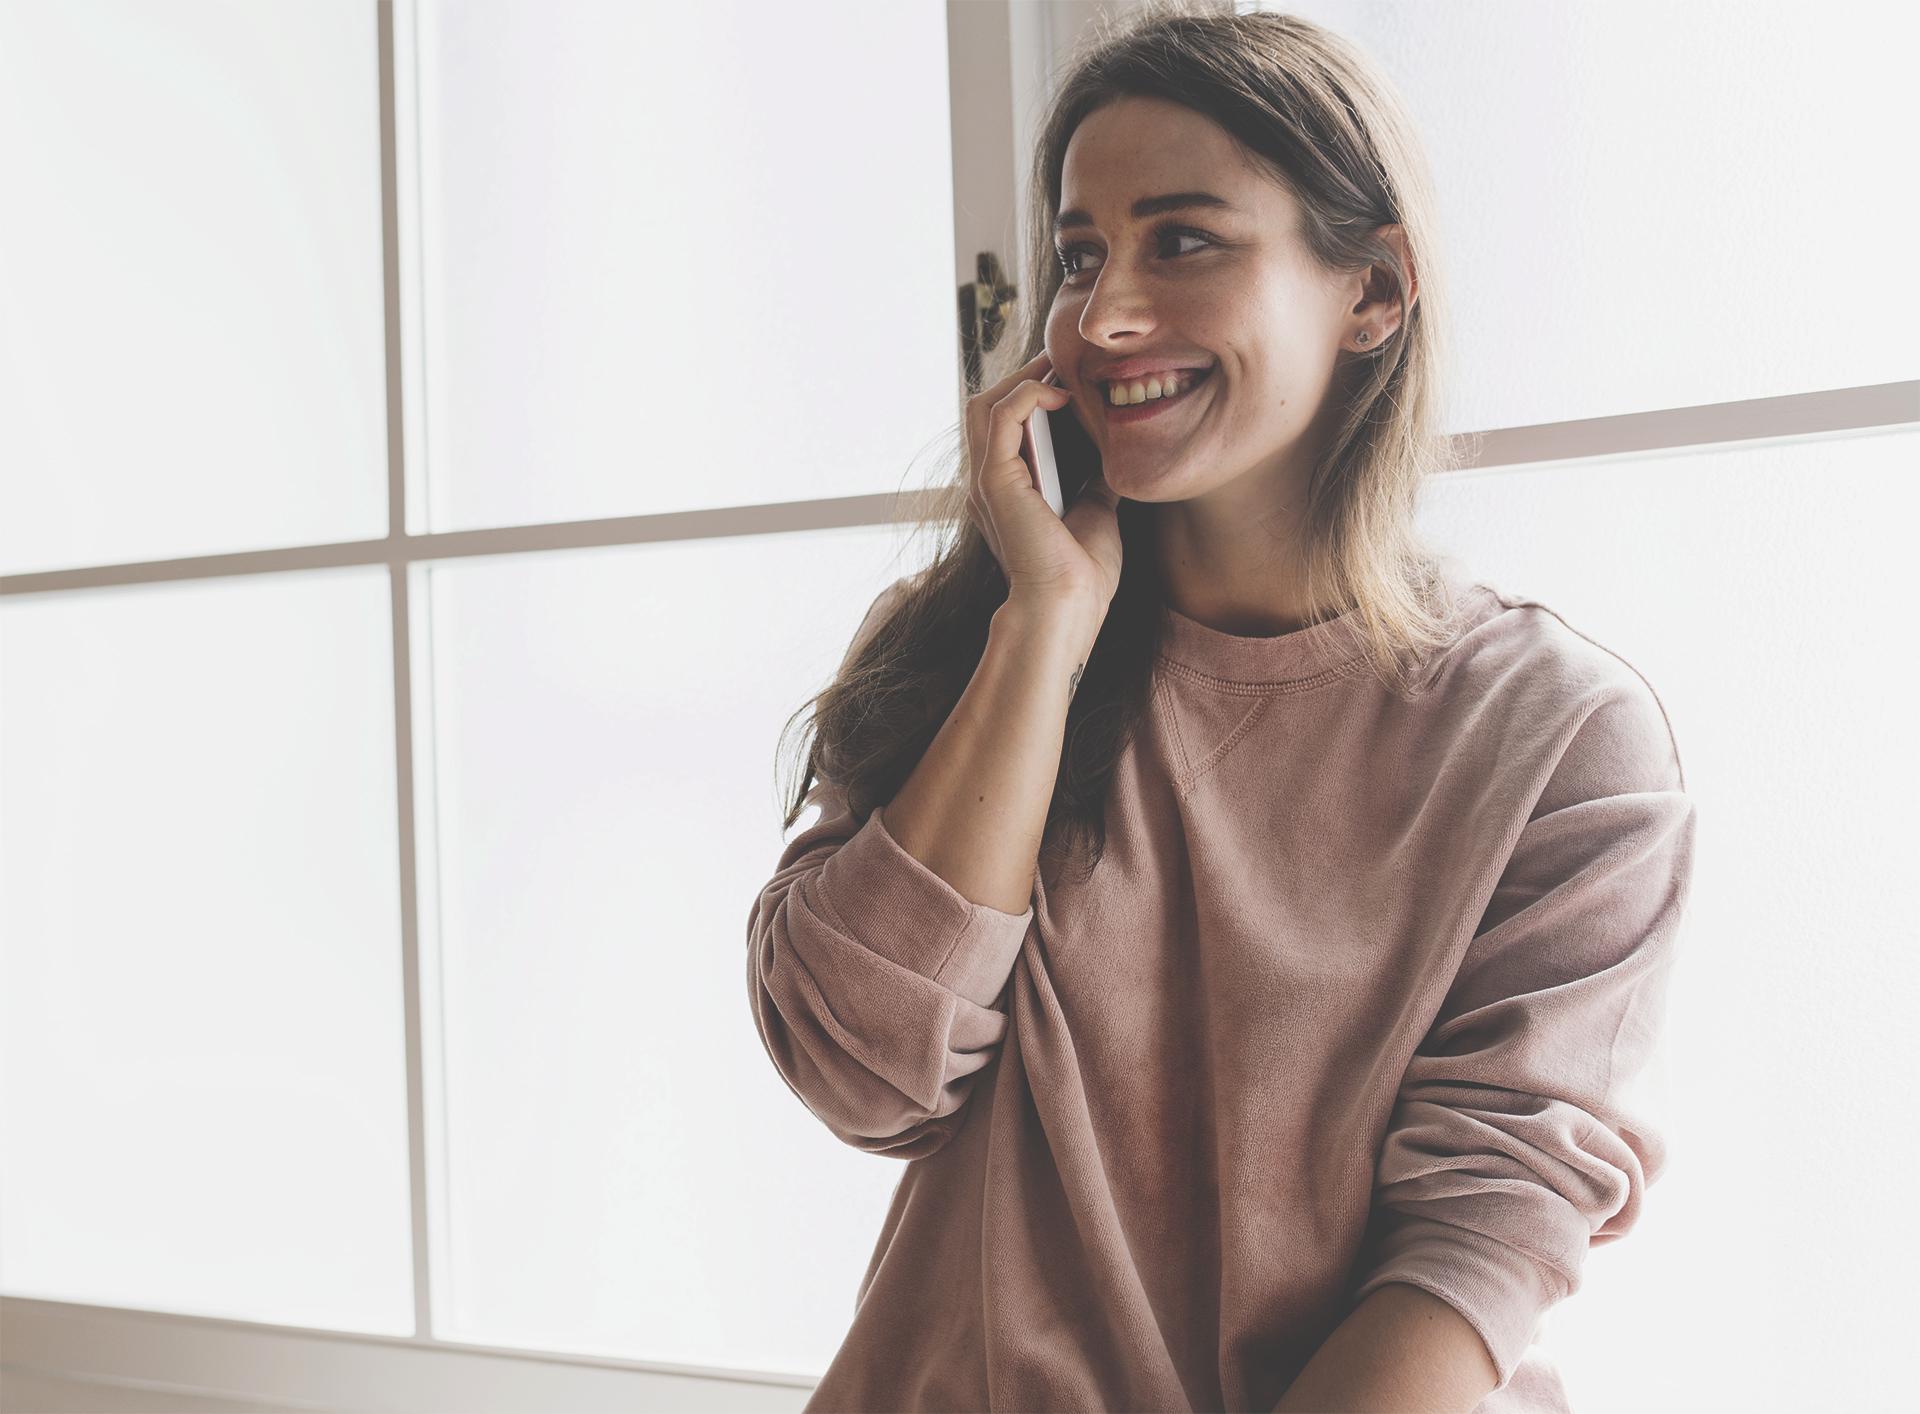 Vijf voordelen van persoonlijk contact bij Collections